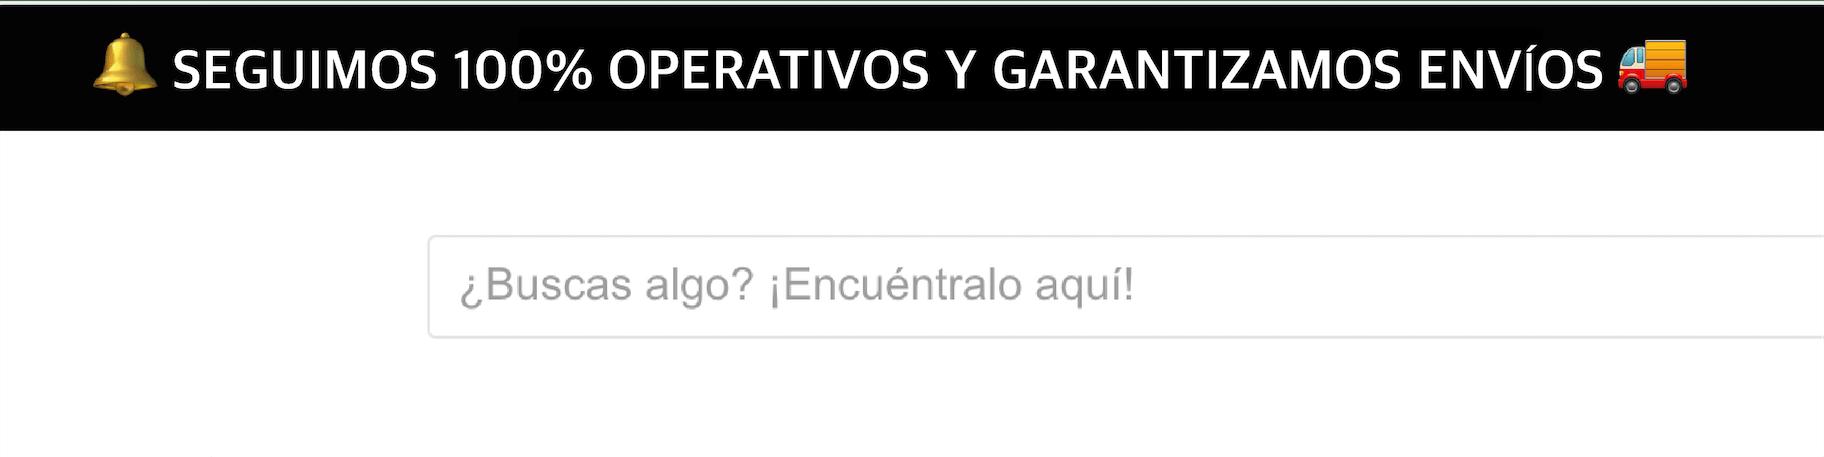 pedidos-ecommerce-coronavirus